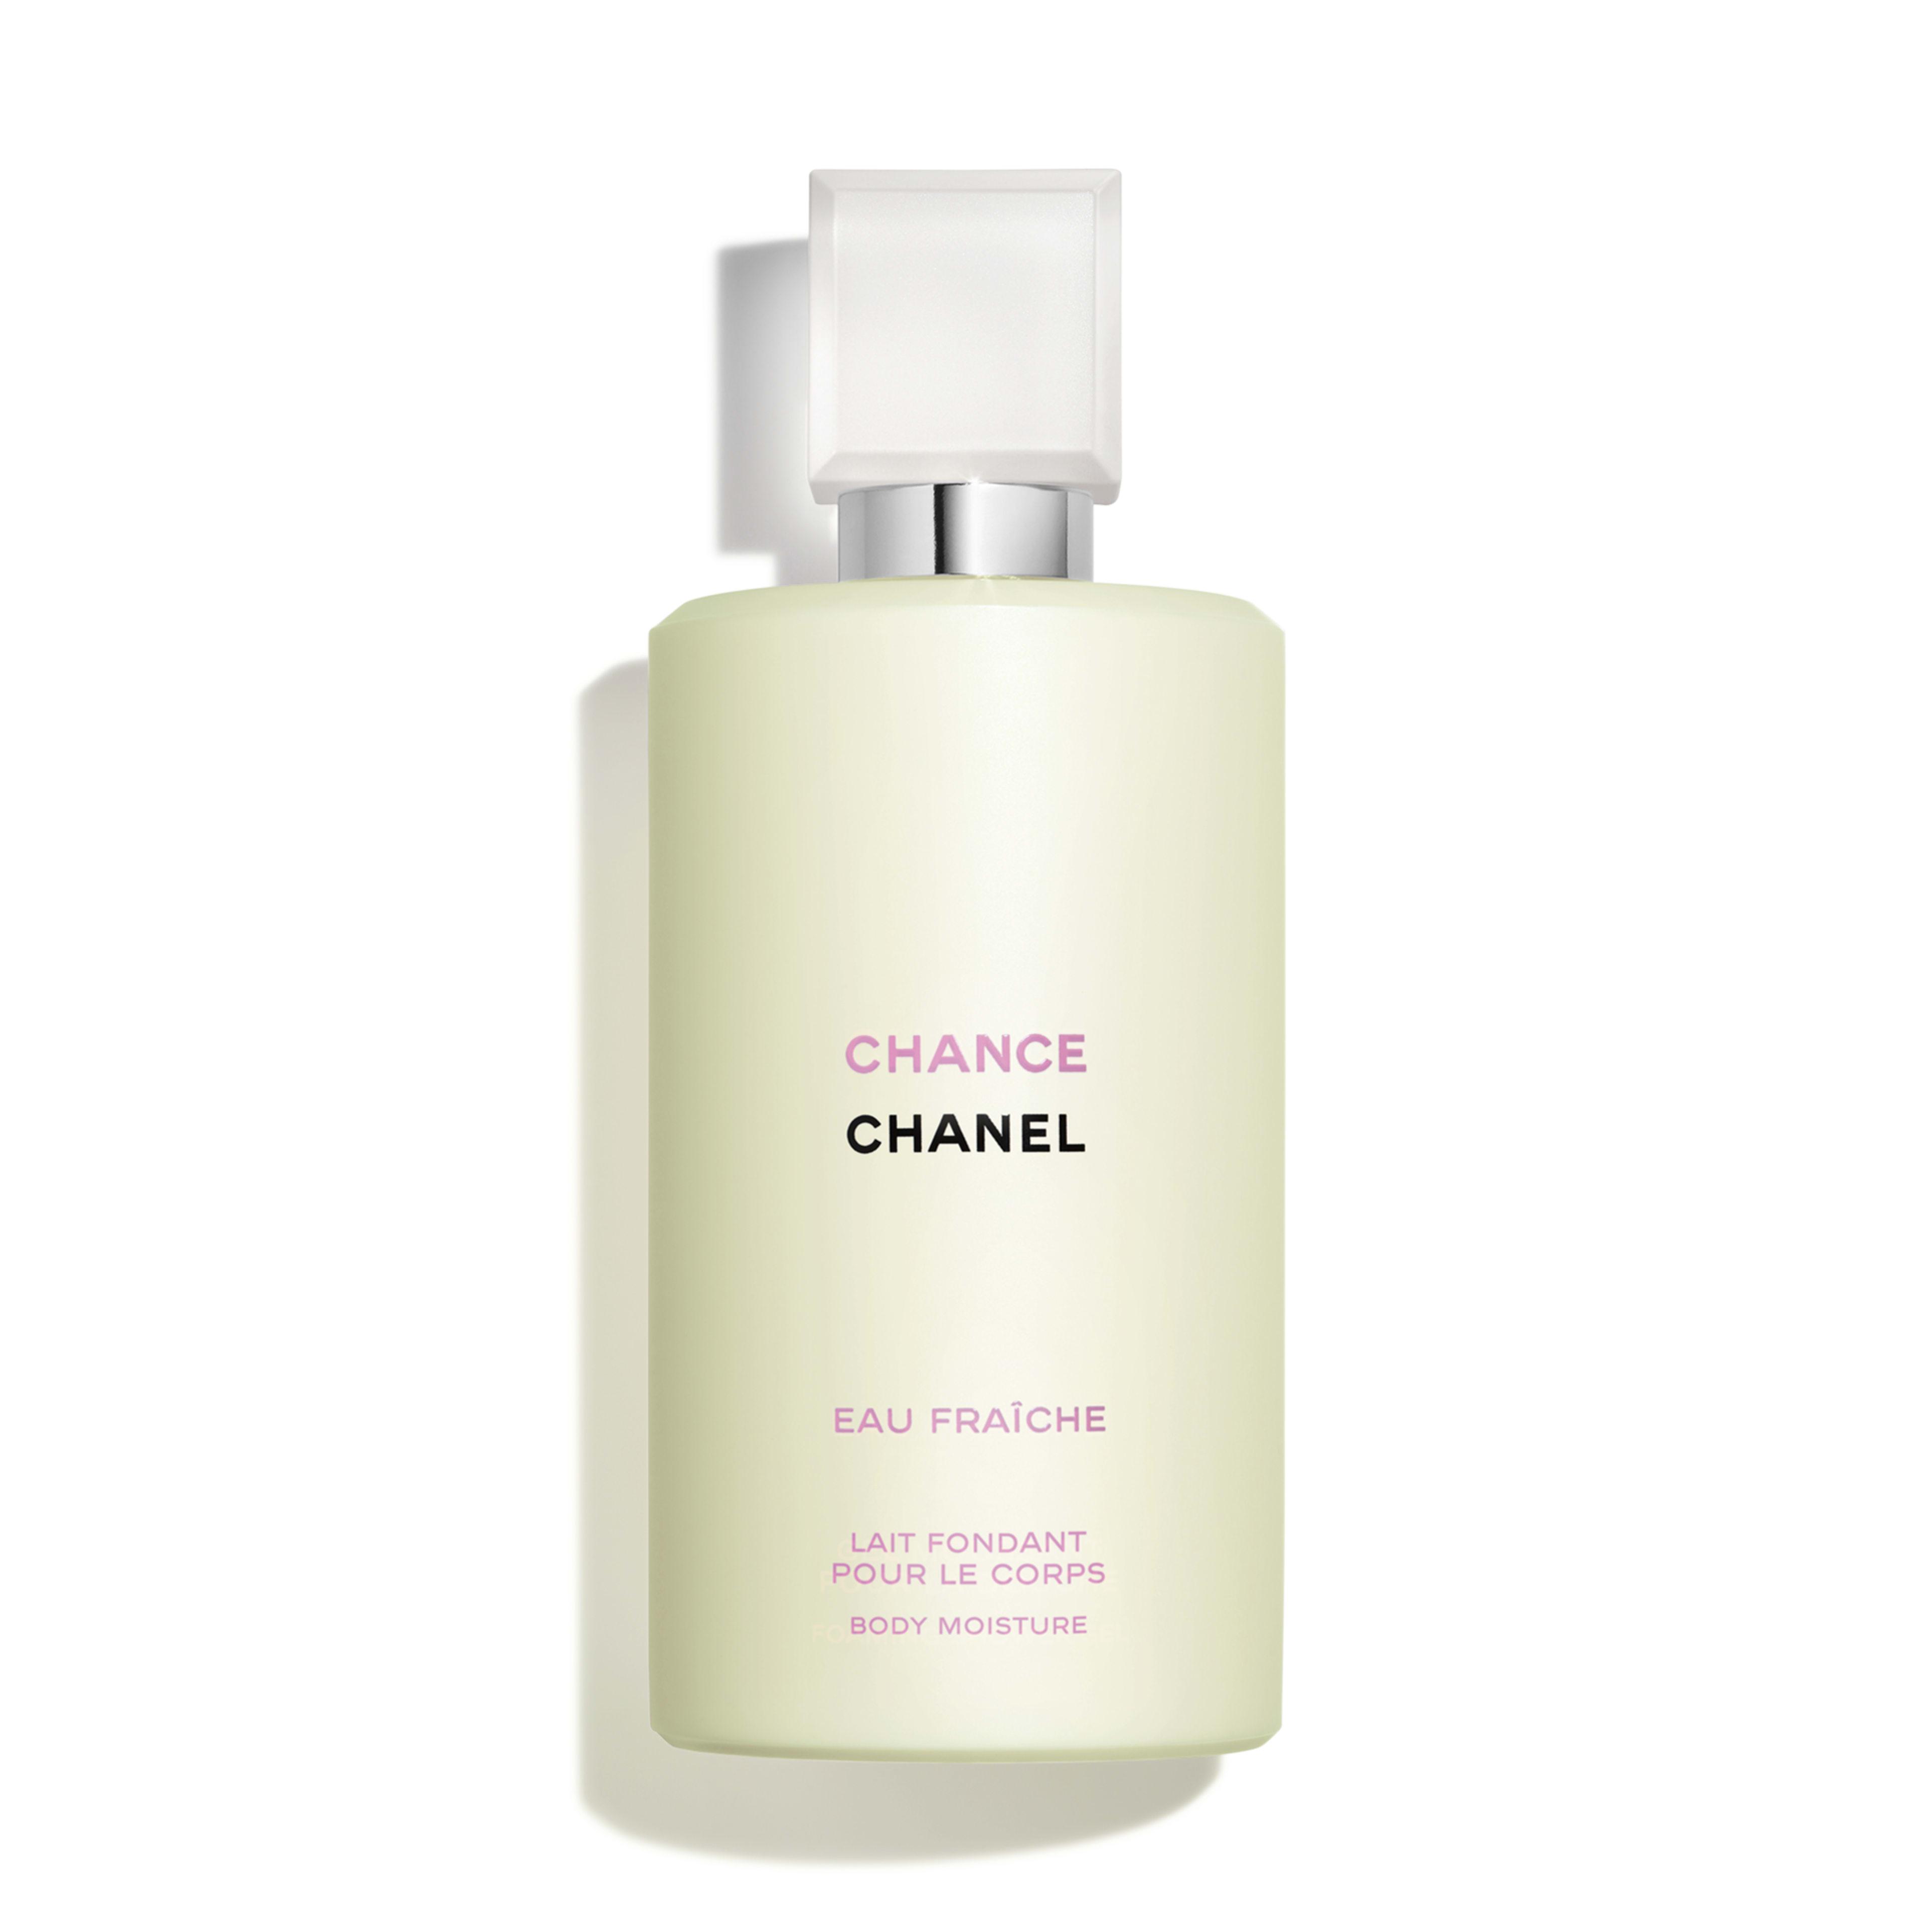 CHANCE EAU FRAÎCHE - fragrance - 200ml - Default view